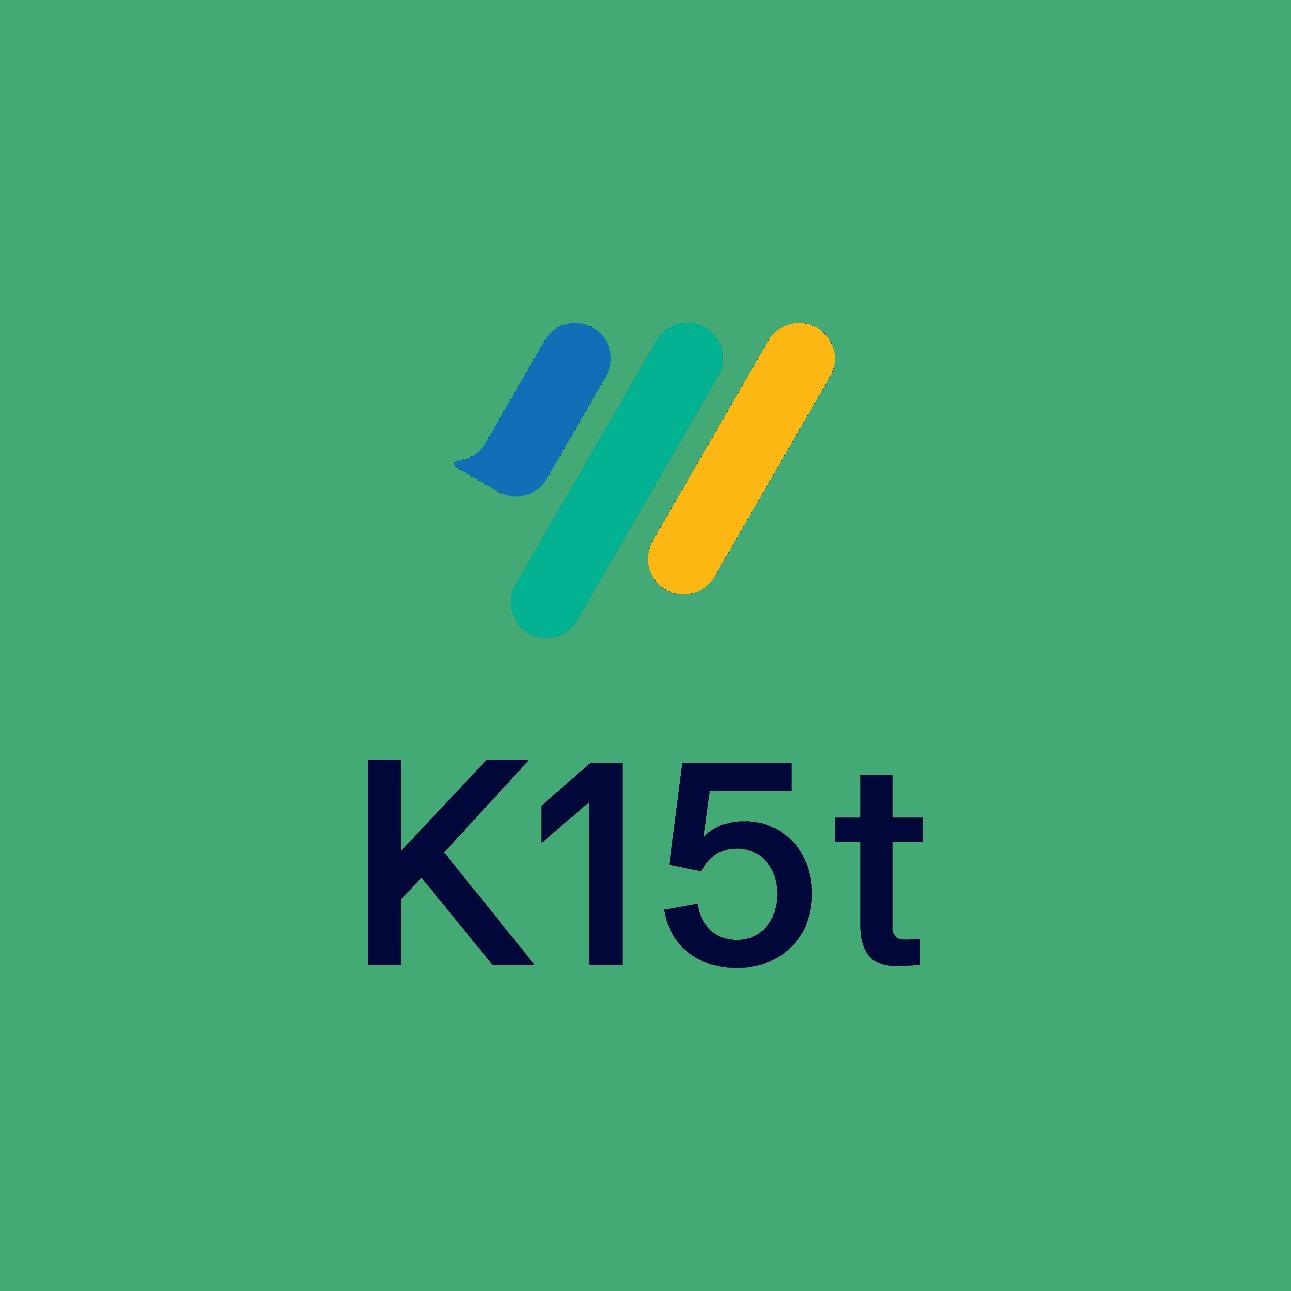 K15t Partner Logo